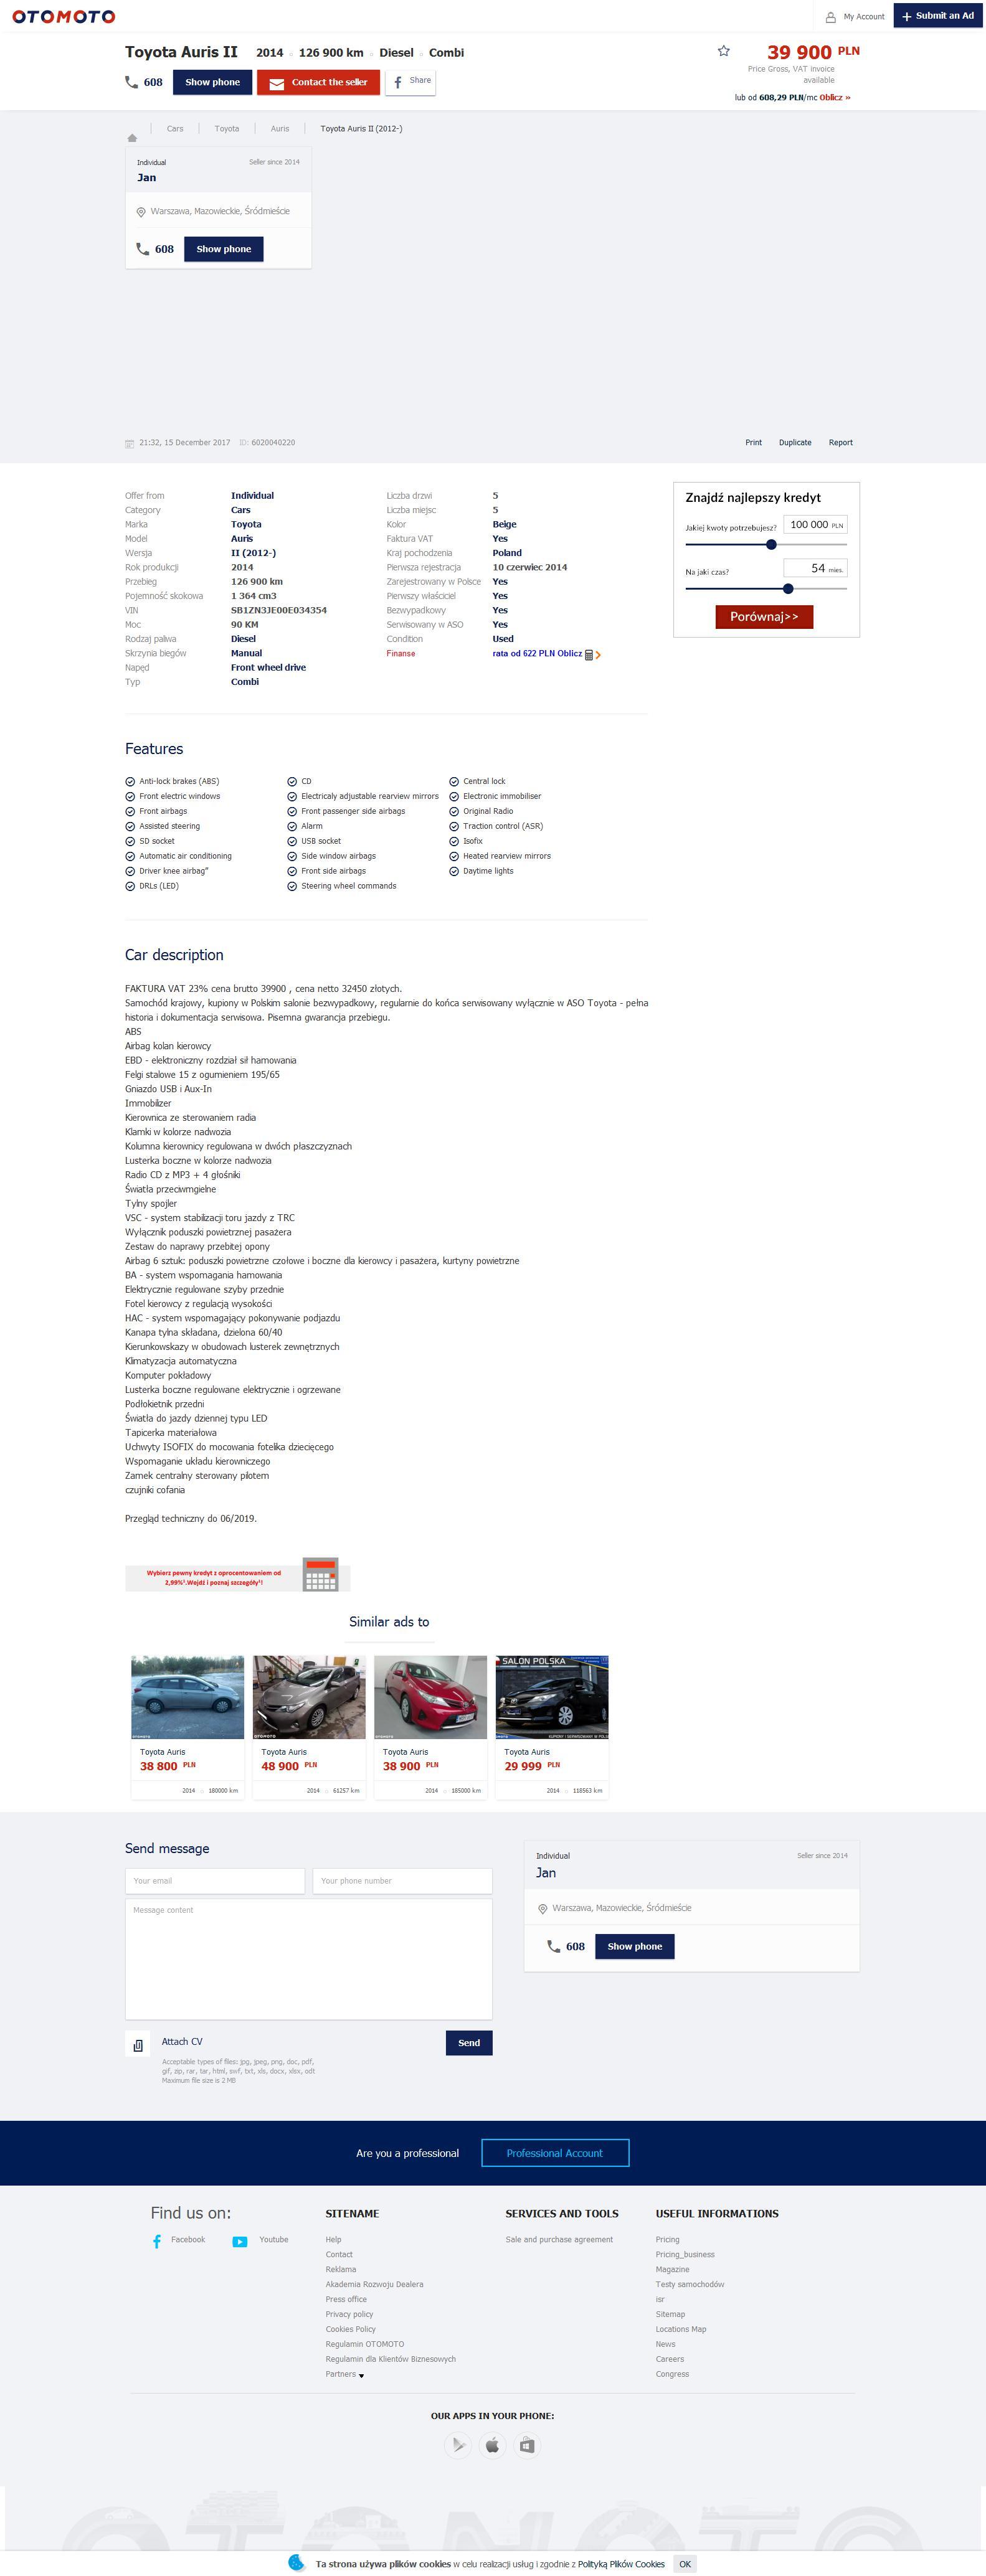 2e34b8bf6f18f https   www.otomoto.pl en oferta toyota-auris-active-1-4-d4d-fv-23-polski -salon-bezwypadkowy-gwarancja-przebiegu-ID6zptsU.html